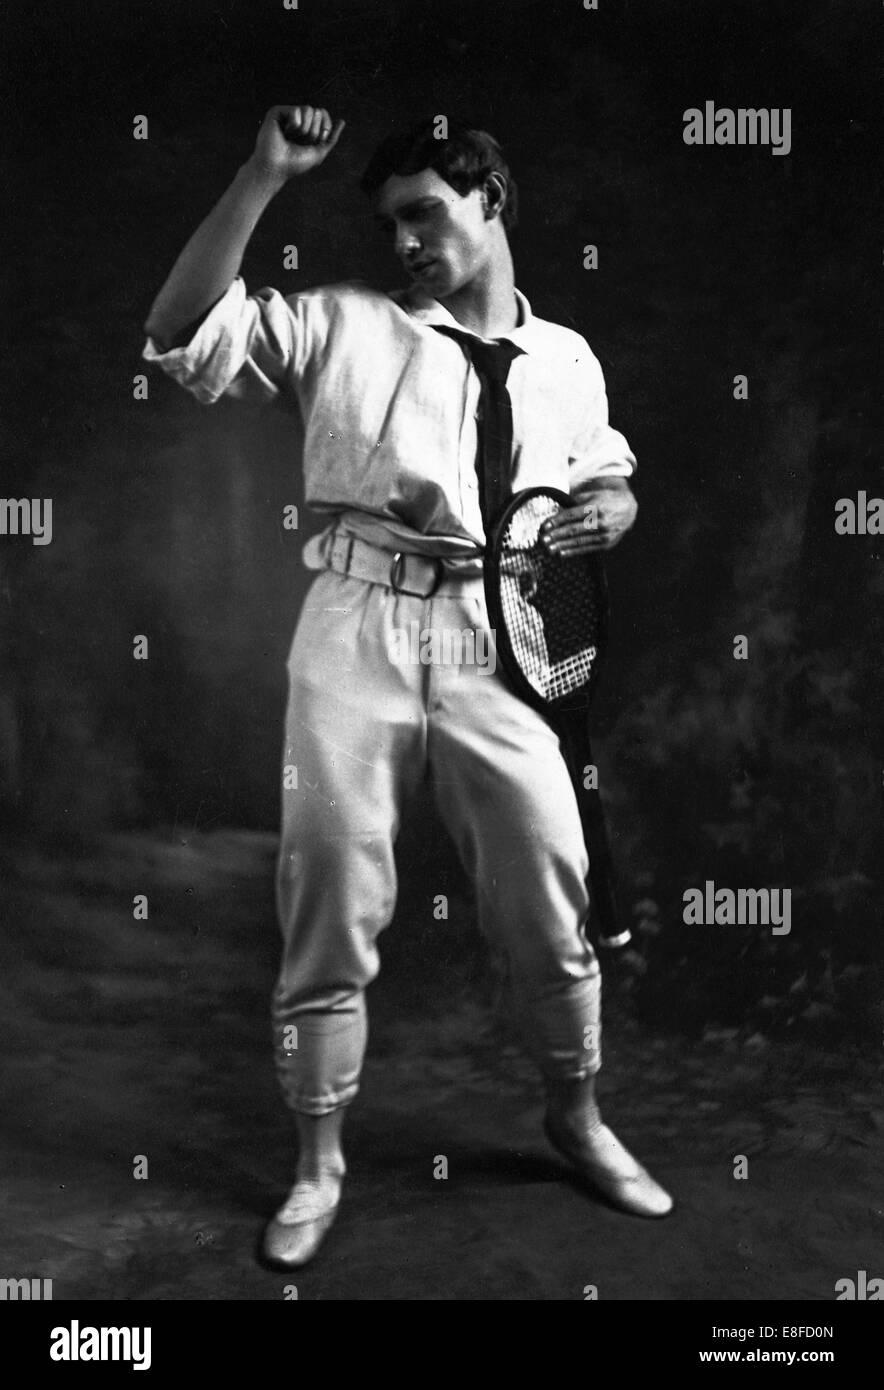 Vaslav Nijinsky in the Ballet Jeux by Claude Debussy. Artist: Gerschel, Charles (1871-1948) - Stock Image